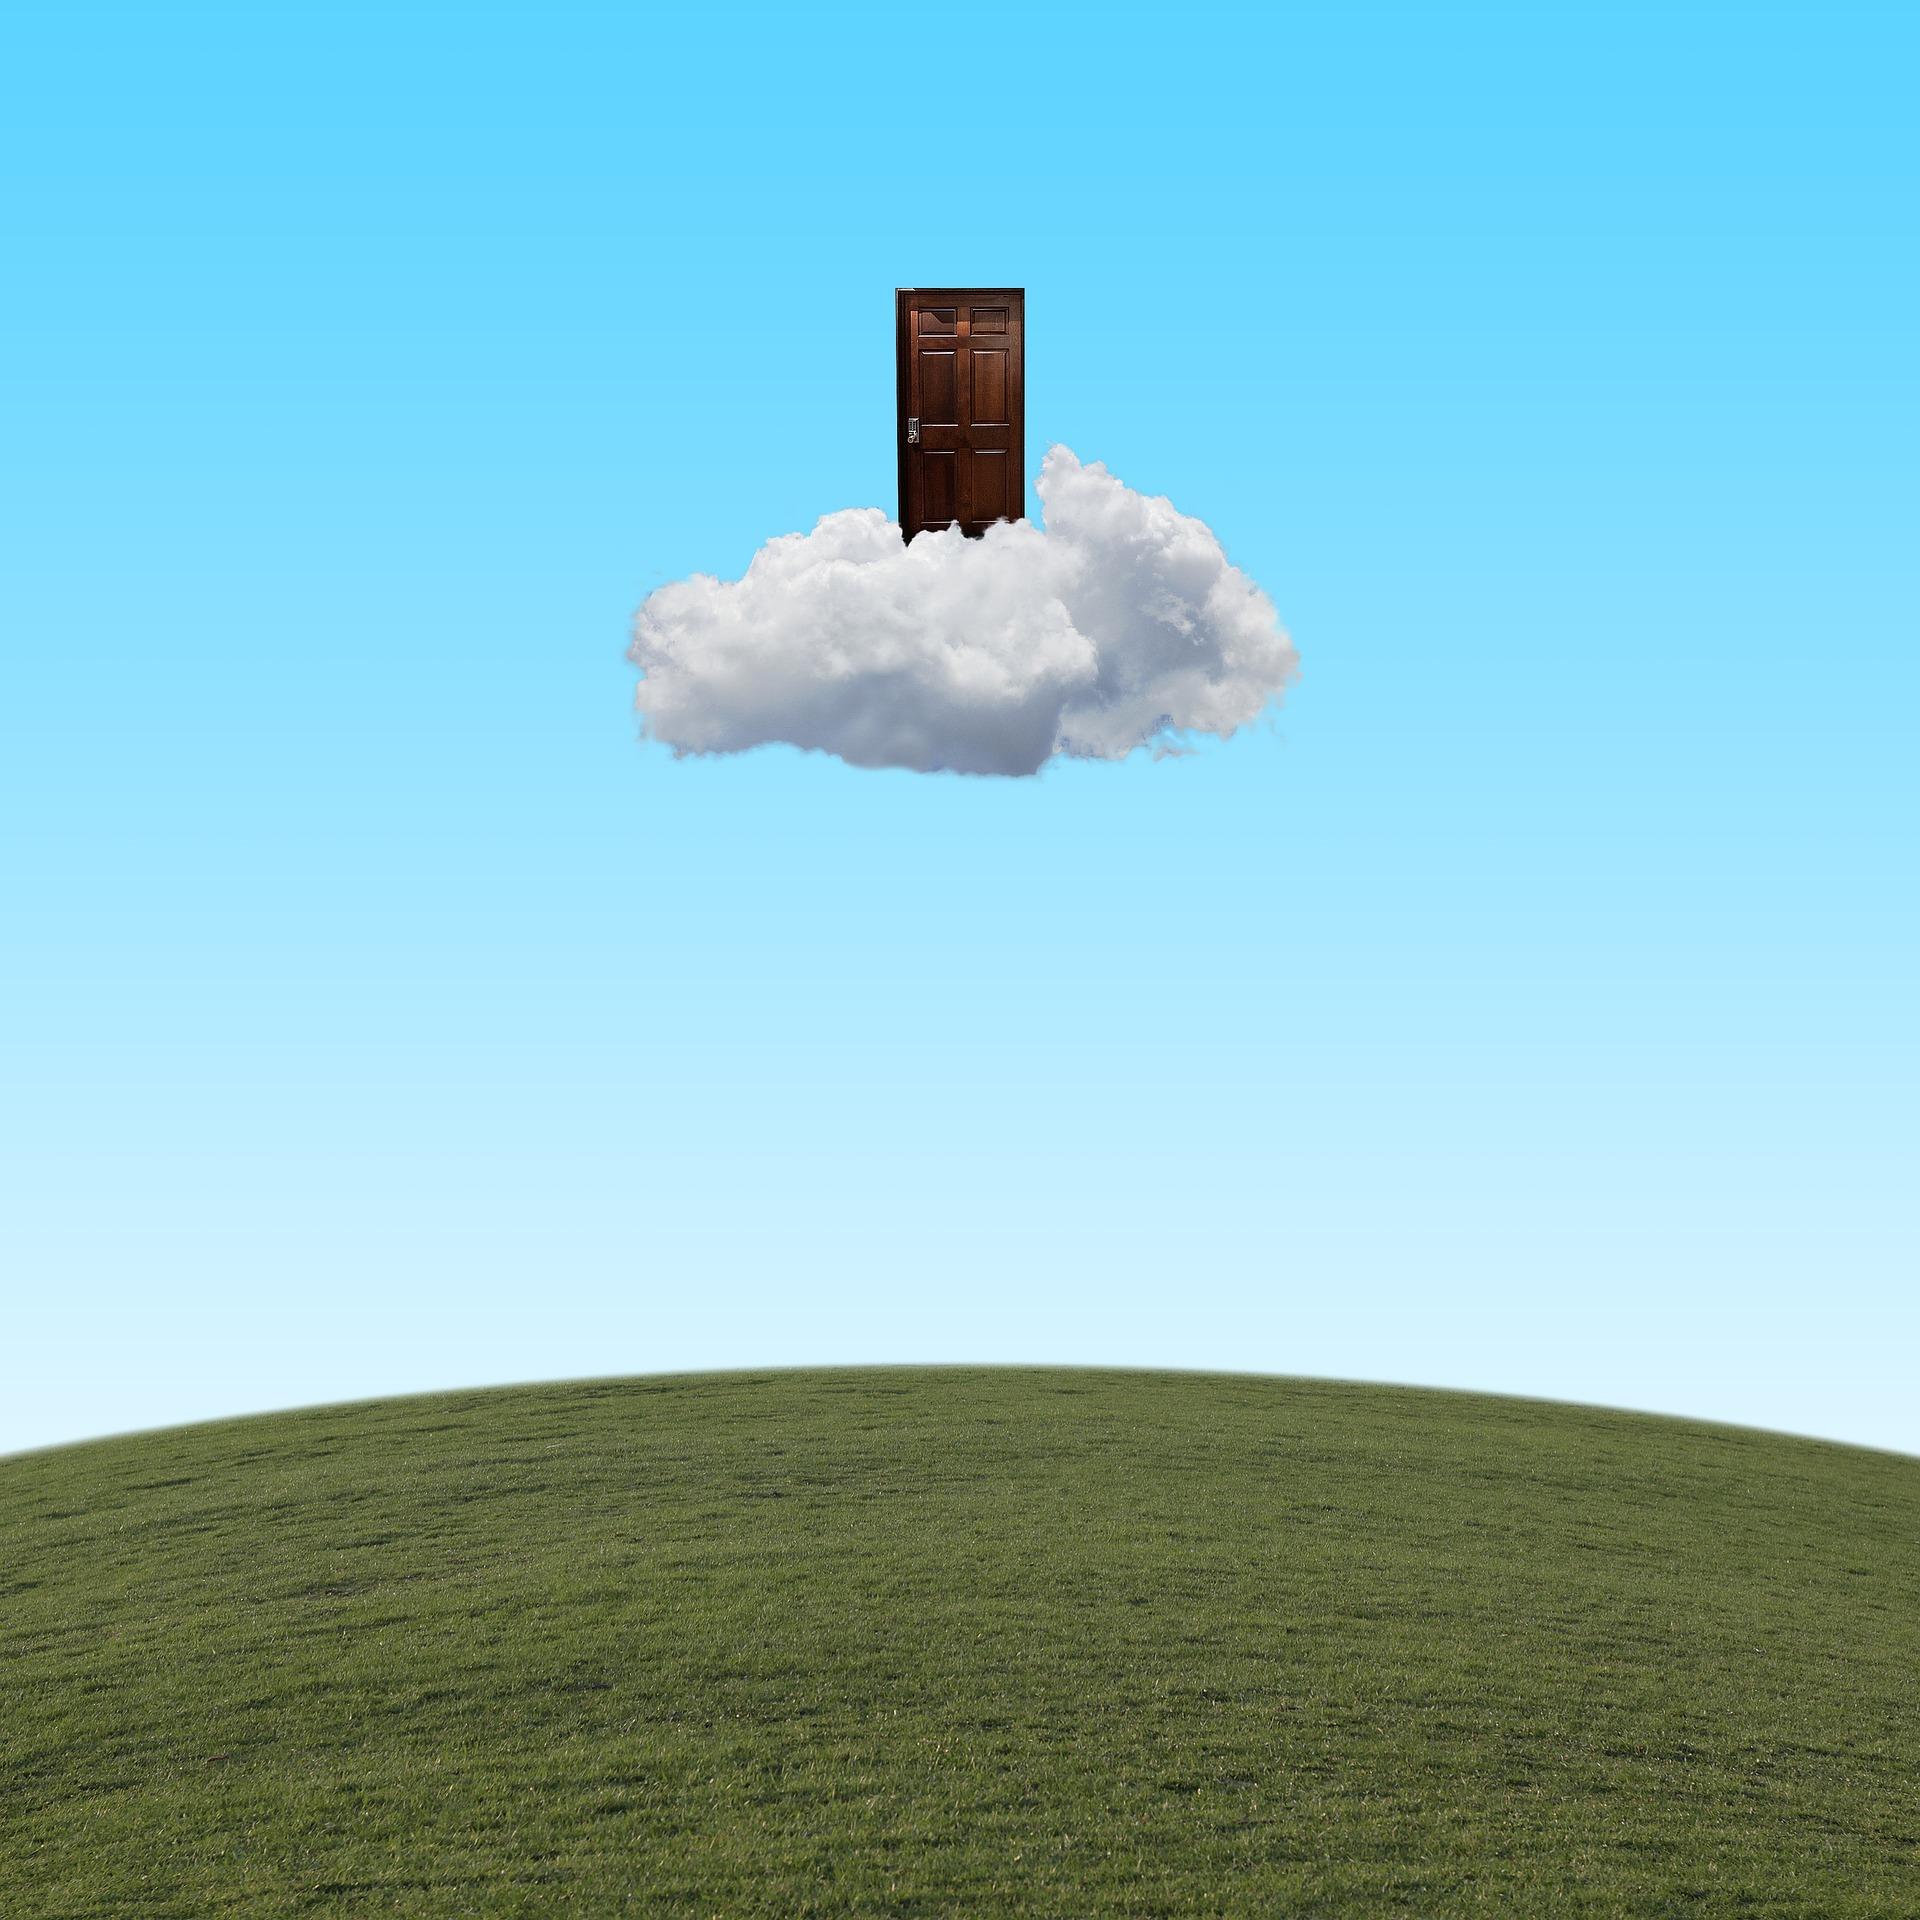 Door, sky, cloud